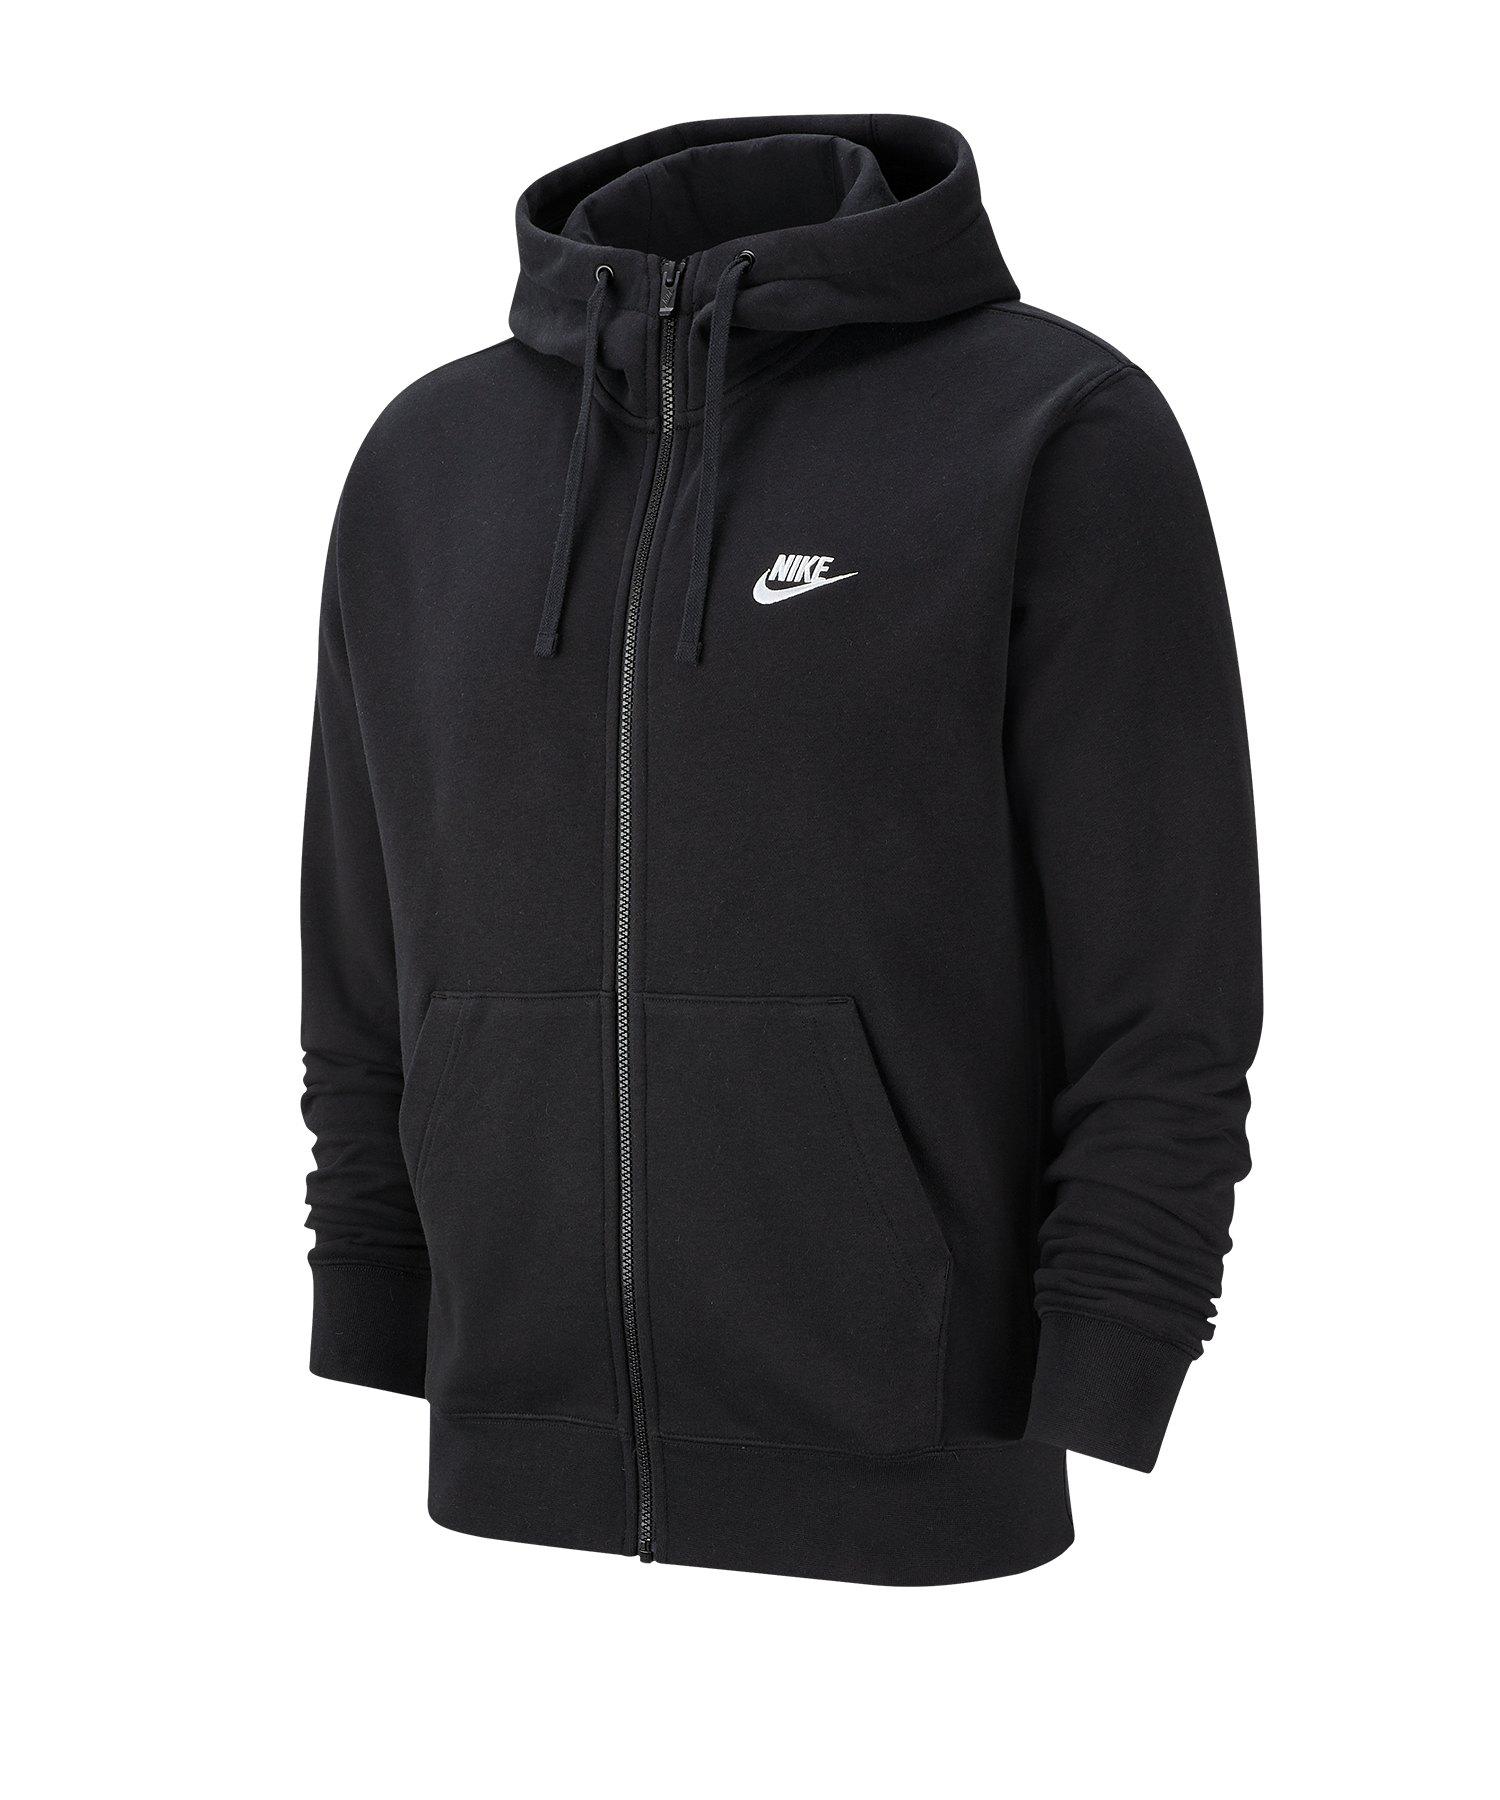 Nike Club Kapuzenjacke Schwarz F010 - schwarz